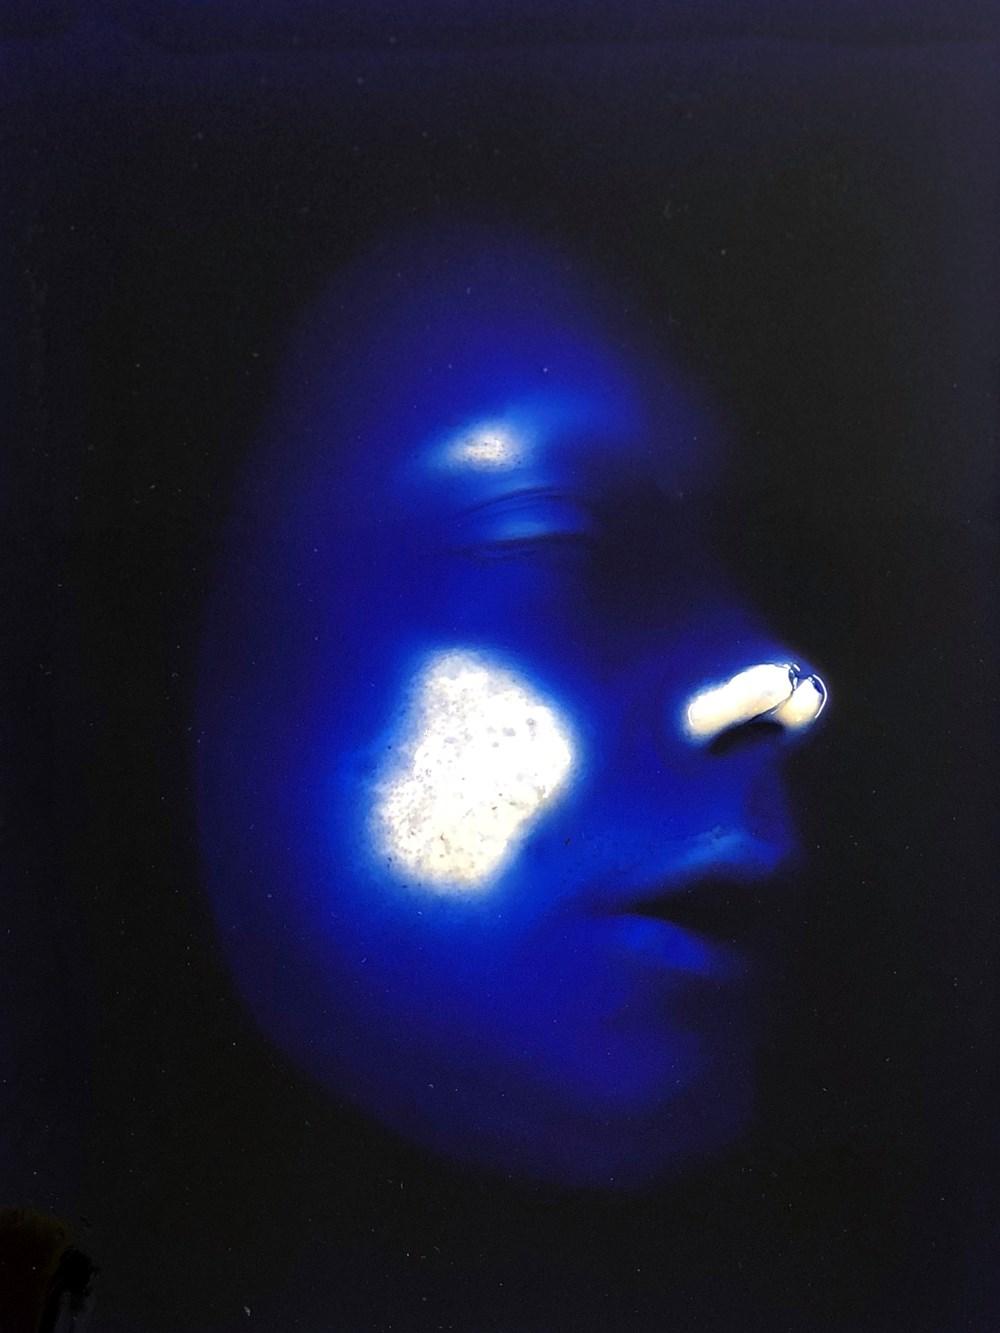 To My Twenties - Lot 17, Alexander Glass, Self-Portrait (Alexander Glass)